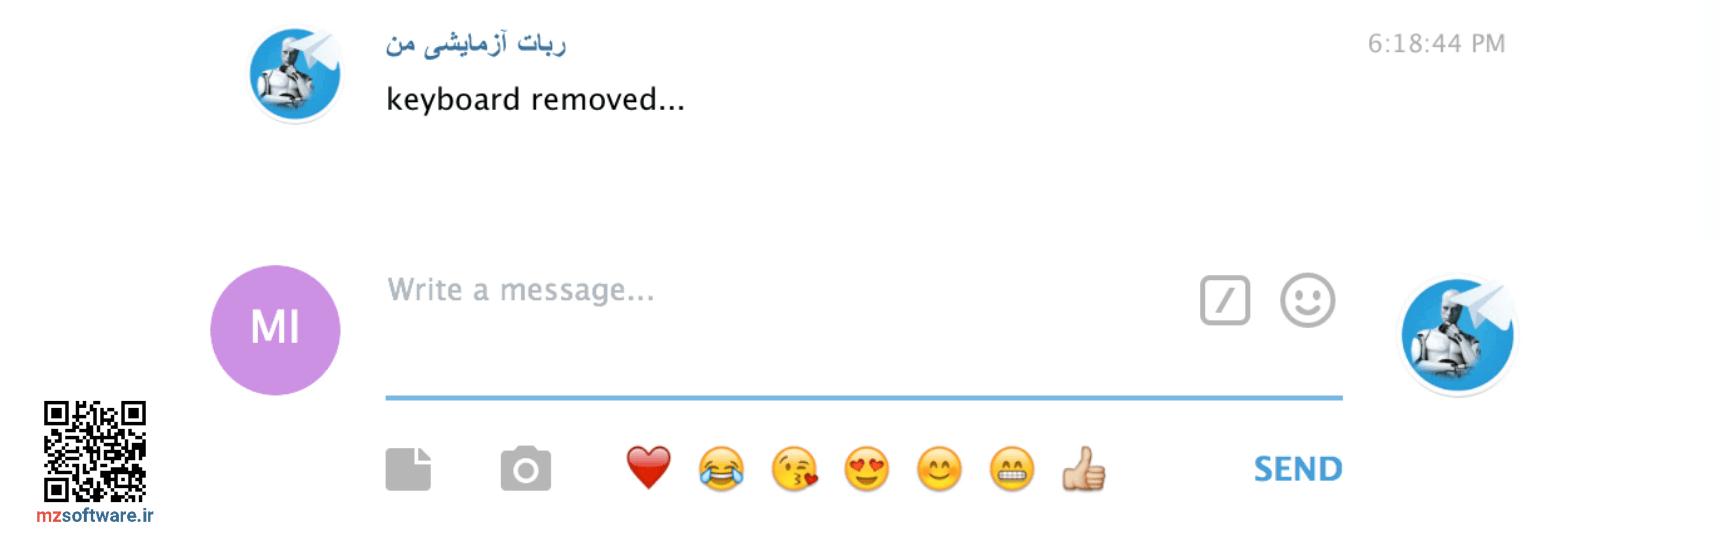 ویرایش پیام در ربات تلگرام | حذف پیام | ویرایش تصویر | ویرایش دکمه های شیشه ای | و ...